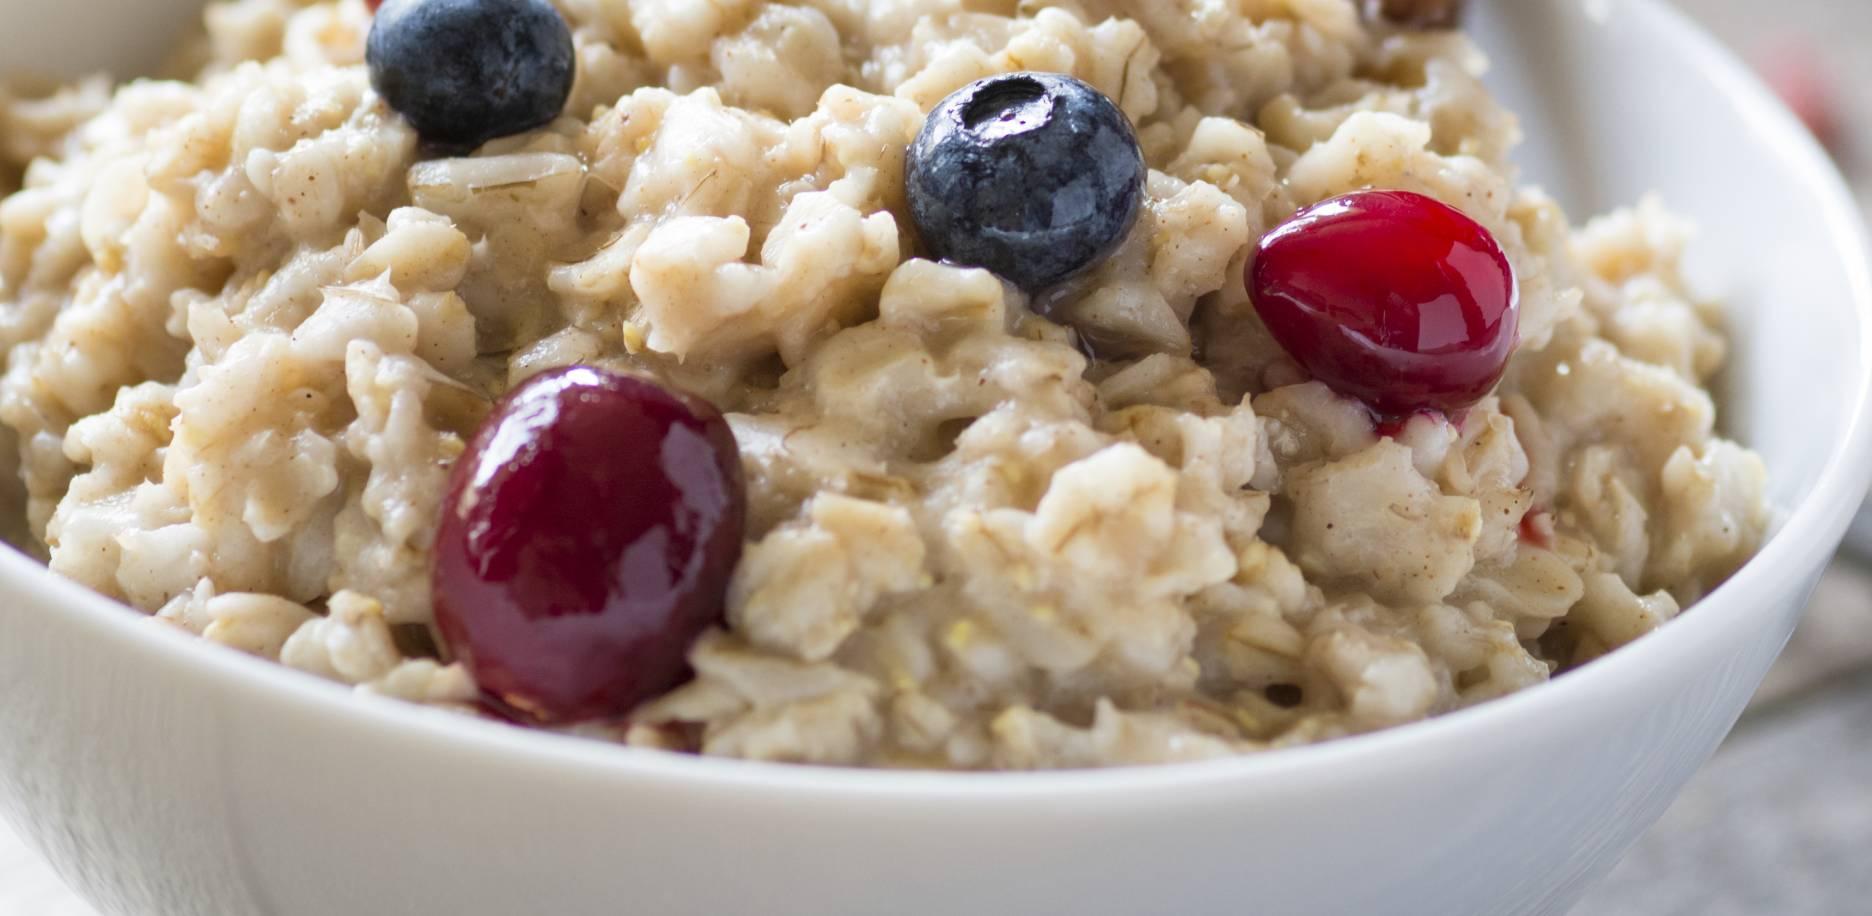 Recette de porridge aux flocons d'avoine